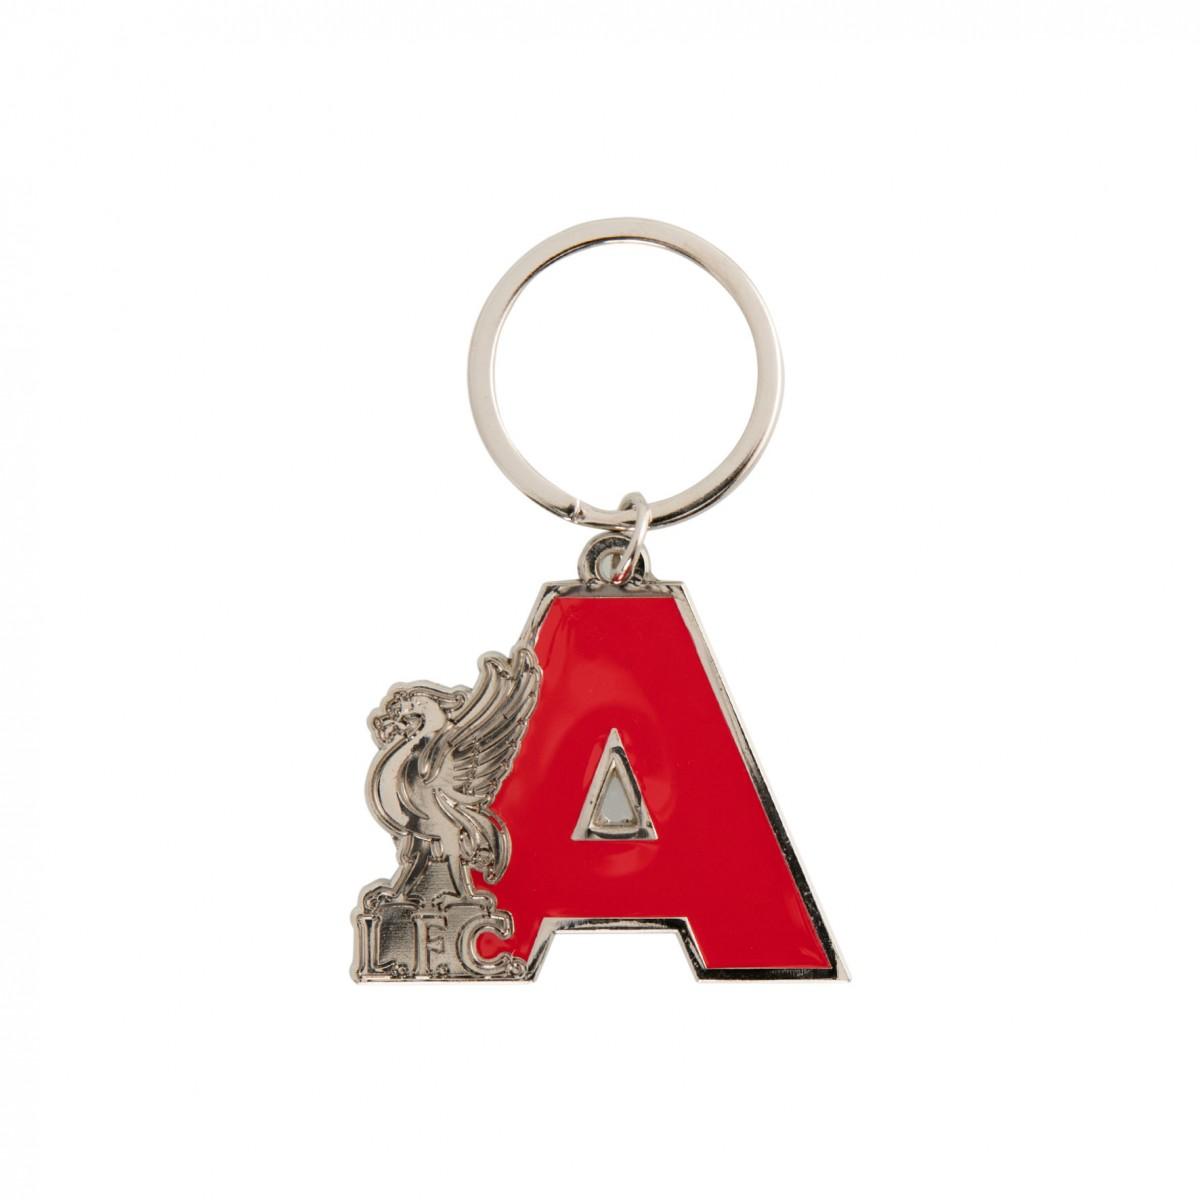 พวงกุญแจลิเวอร์พูลอักษรย่อ A ของแท้